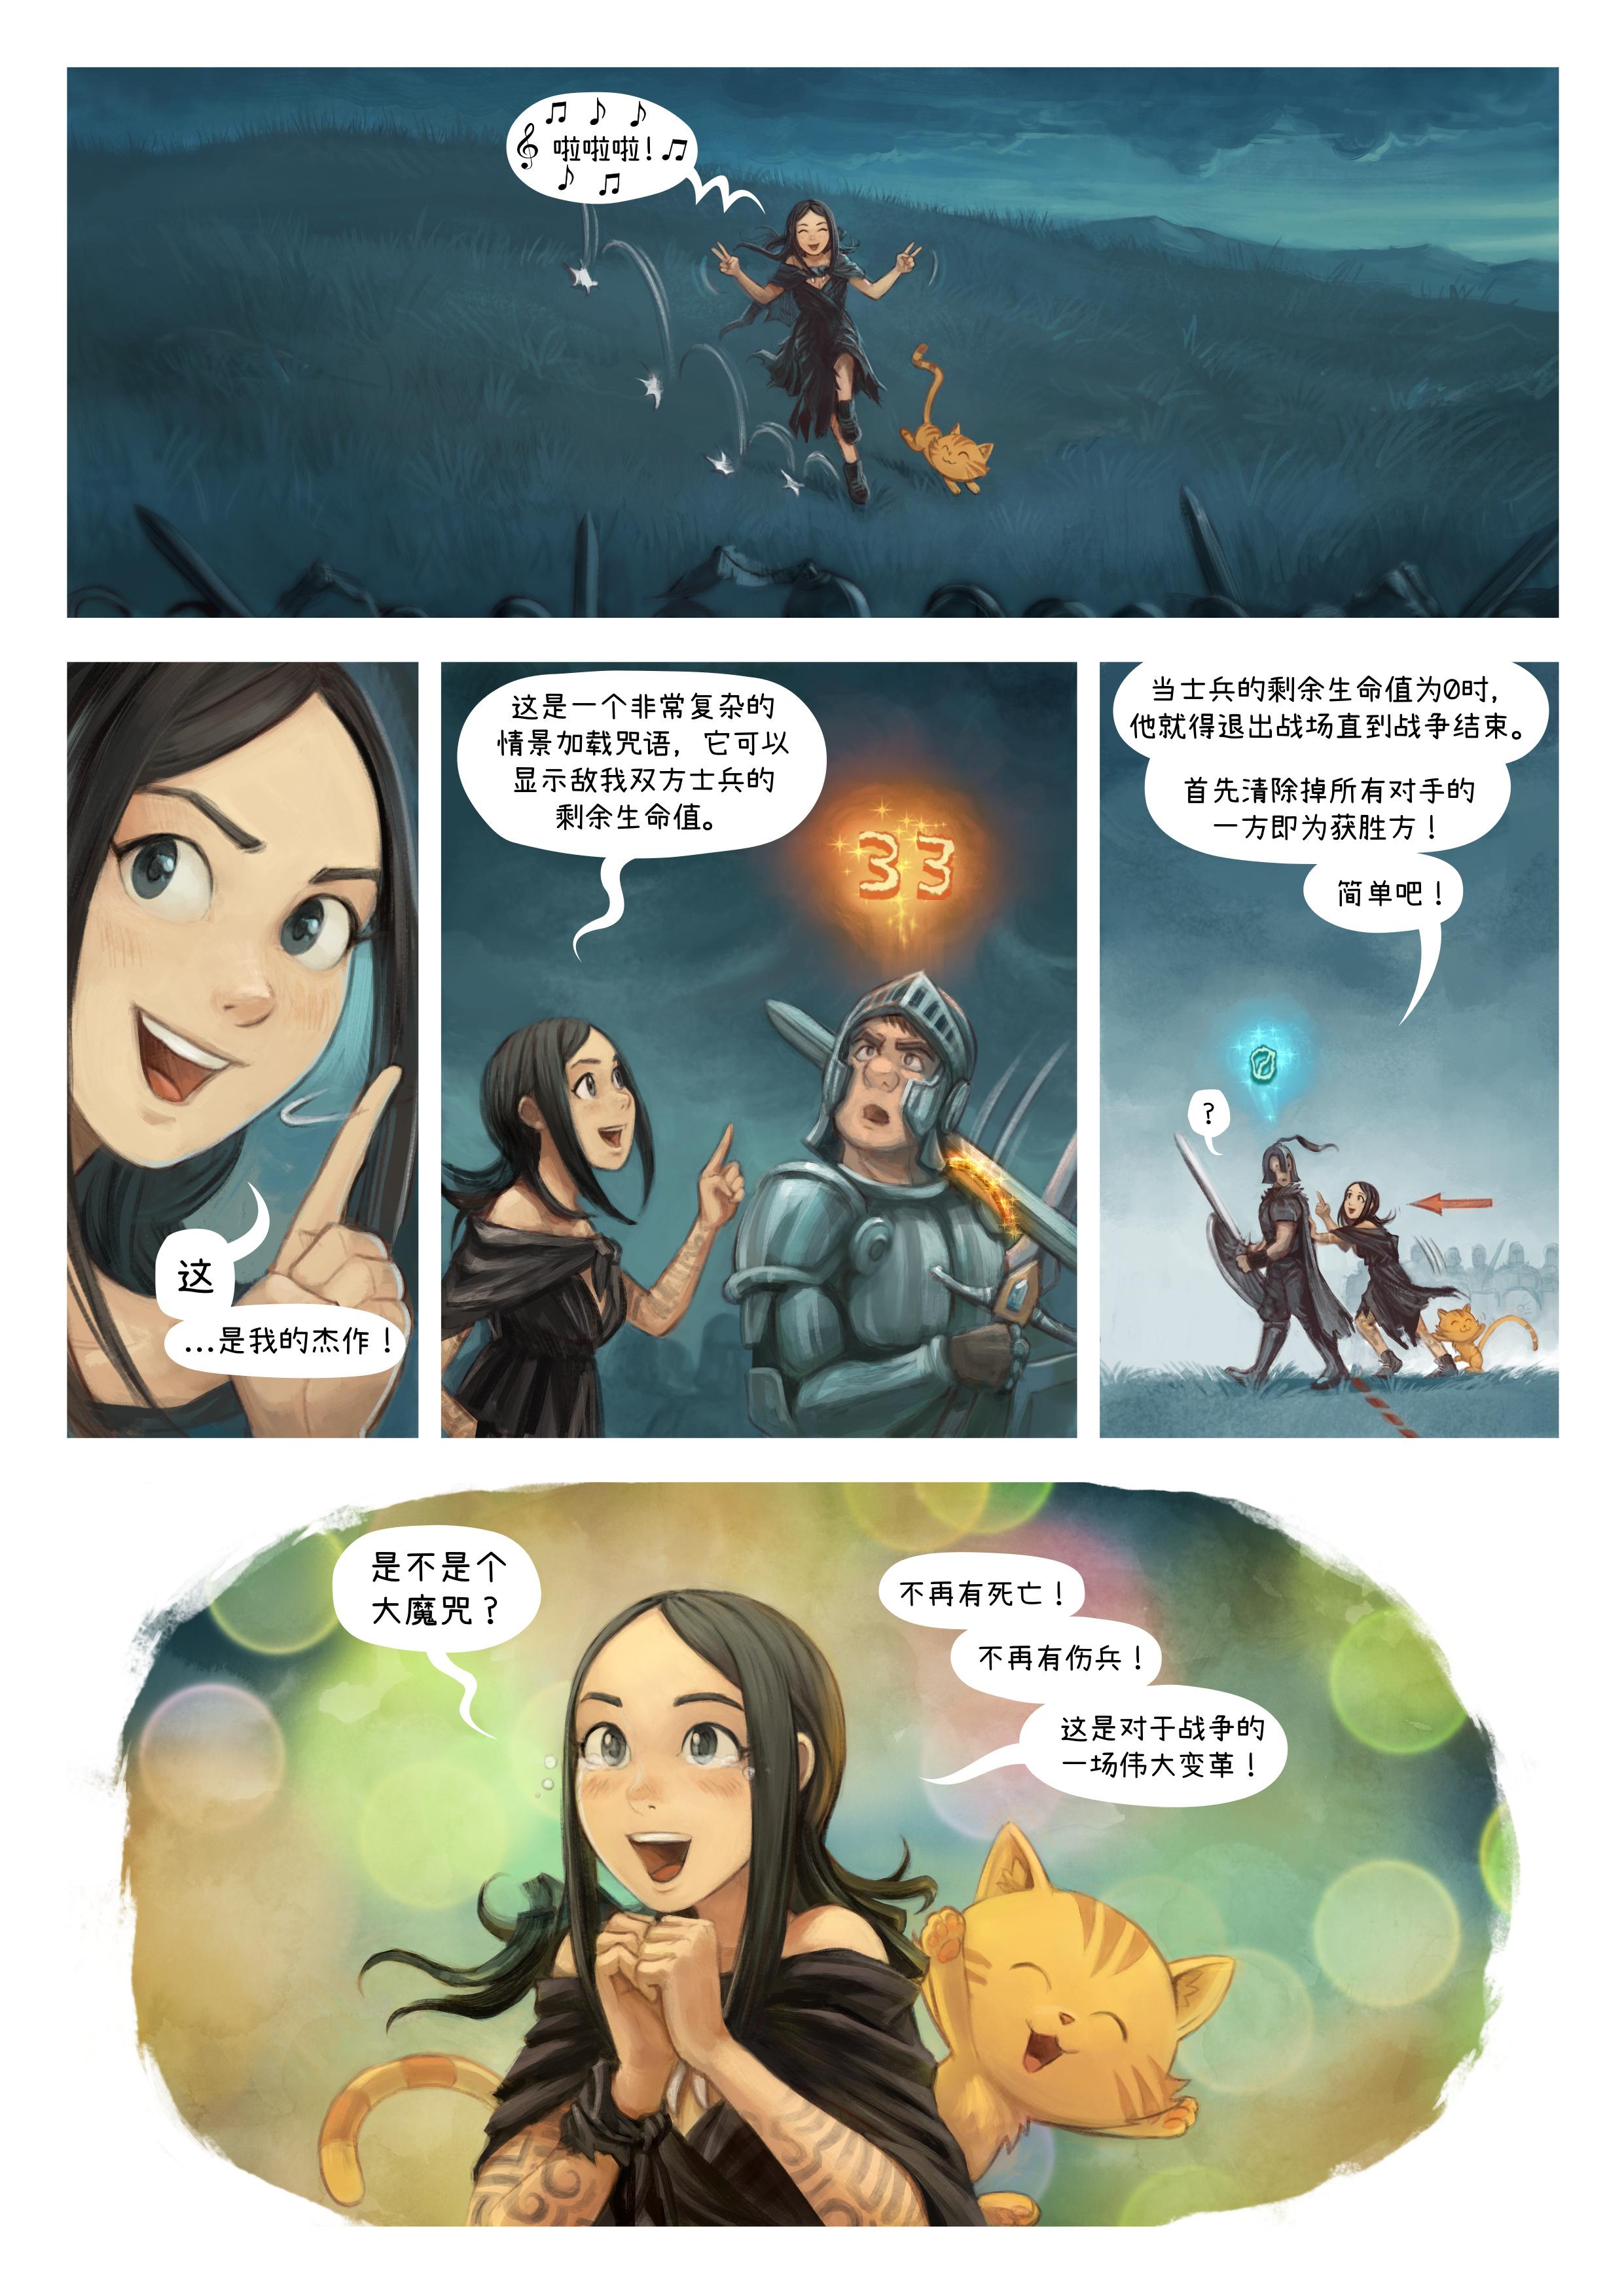 第33集:战争大魔咒, Page 7